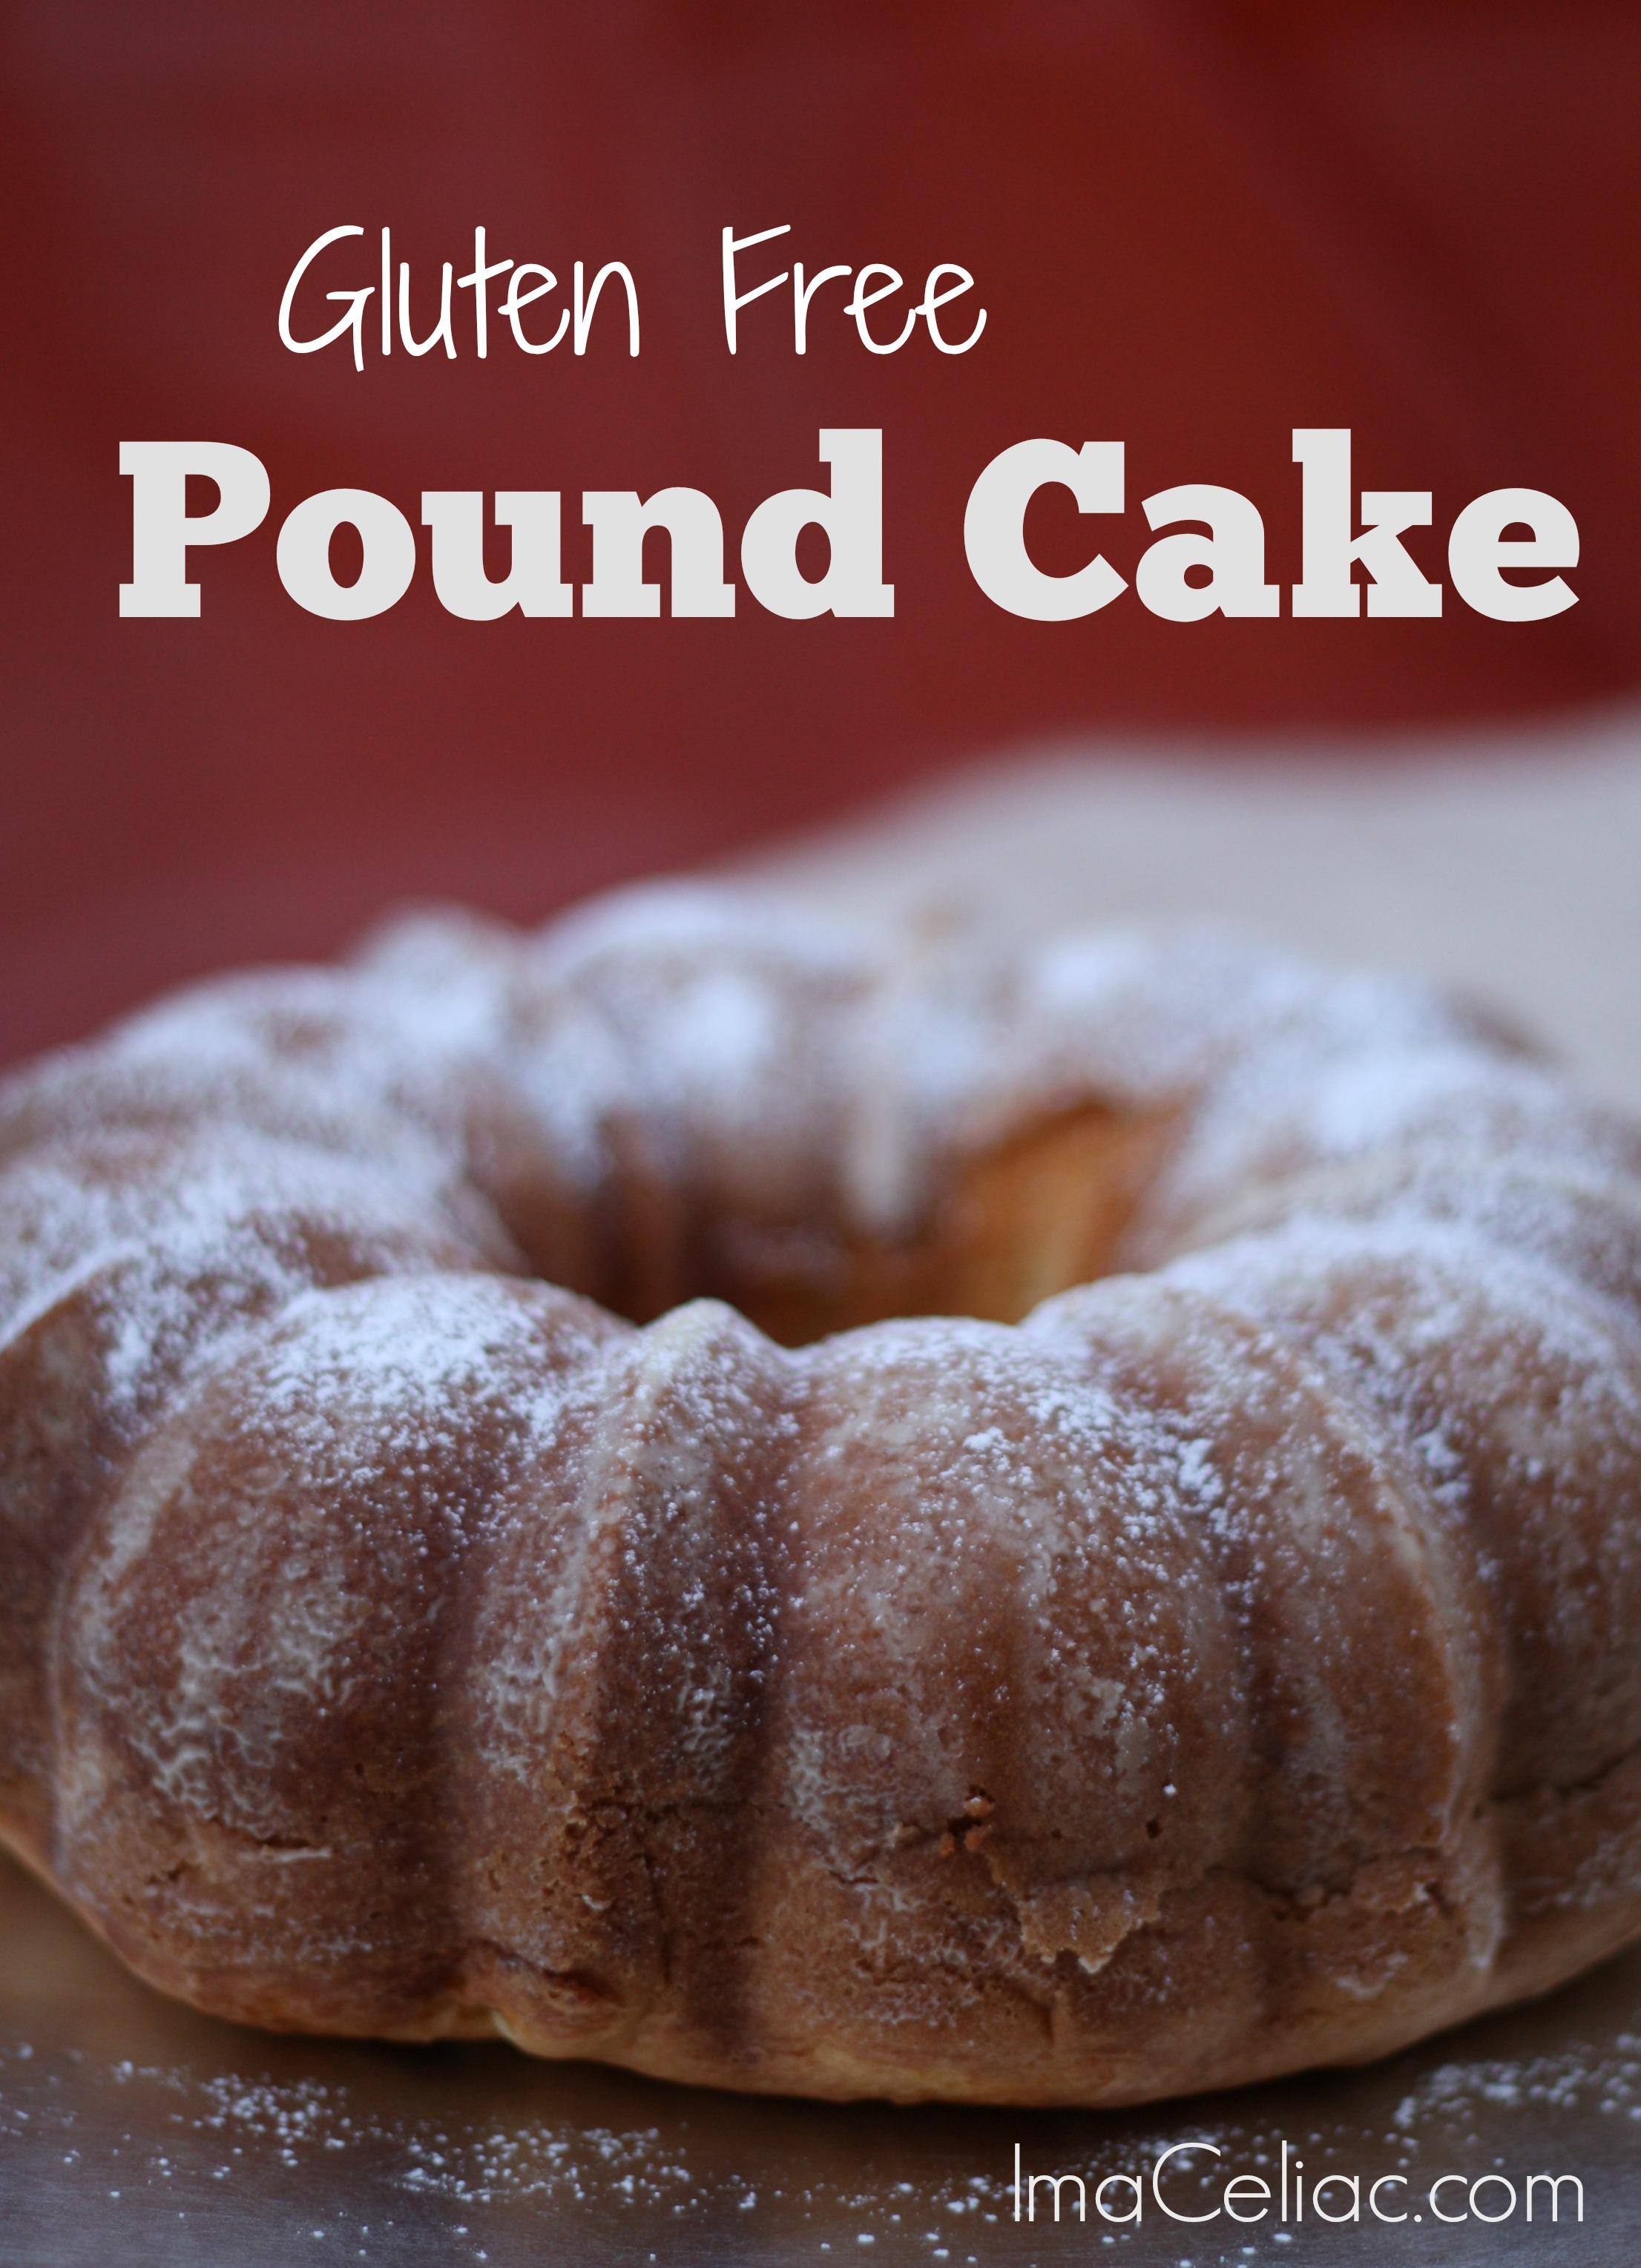 http://www.imaceliac.com/2014/12/gluten-free-pound-cake.html